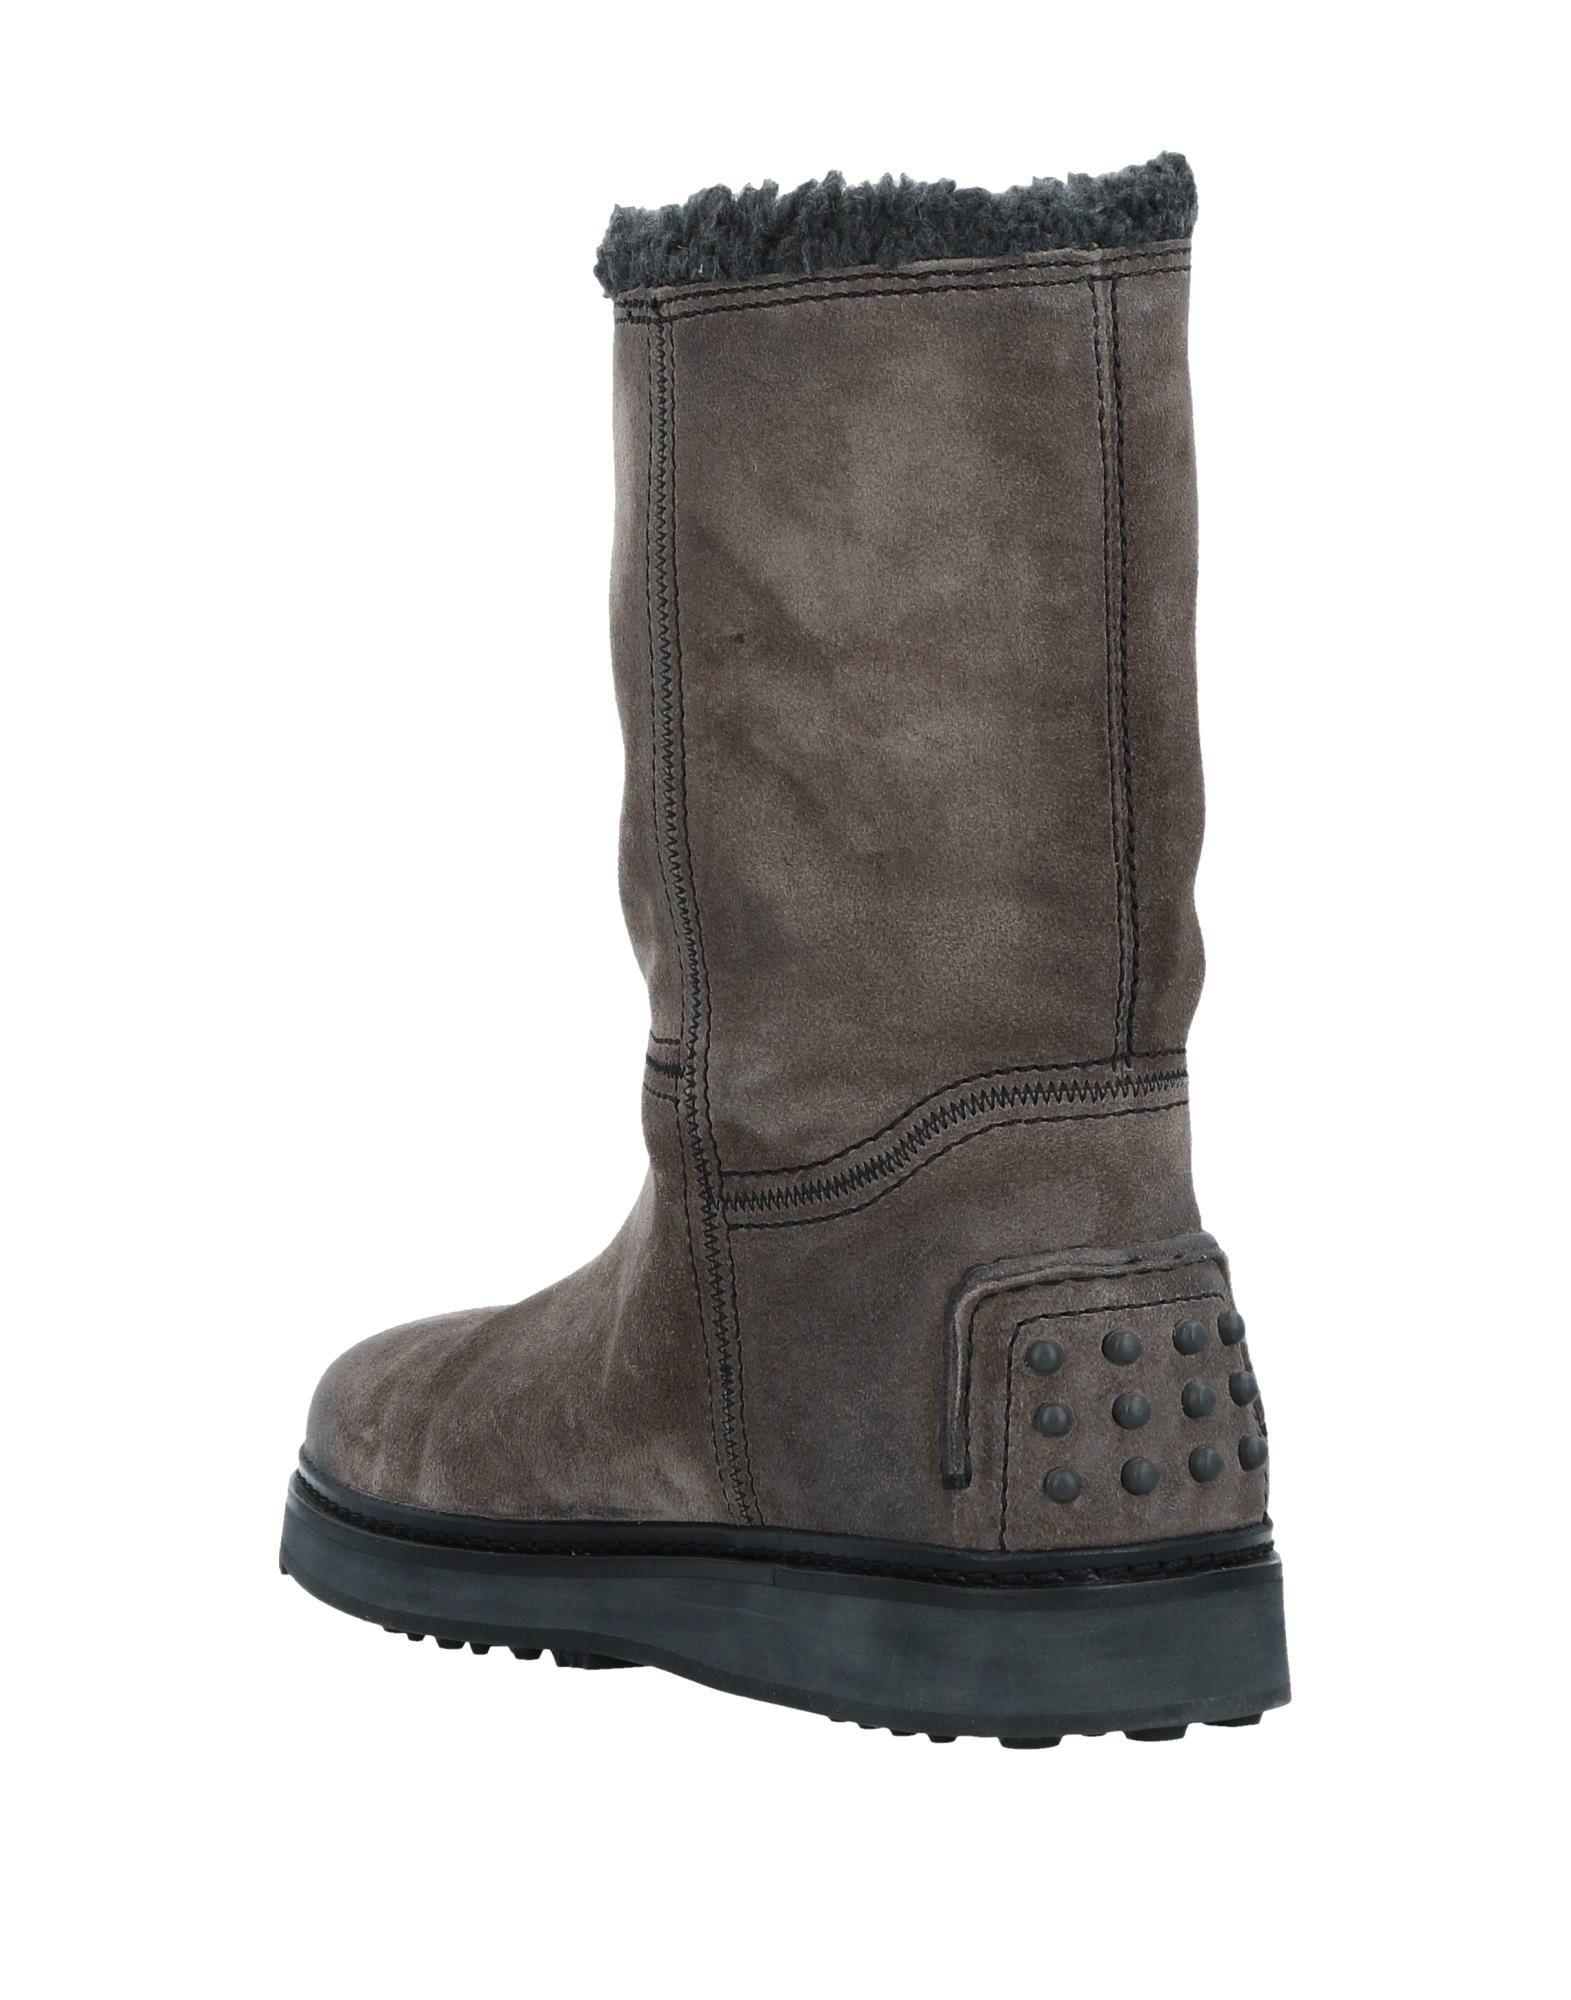 Carshoe Stiefelette Schuhe Herren  11519805BD Gute Qualität beliebte Schuhe Stiefelette 79eaad